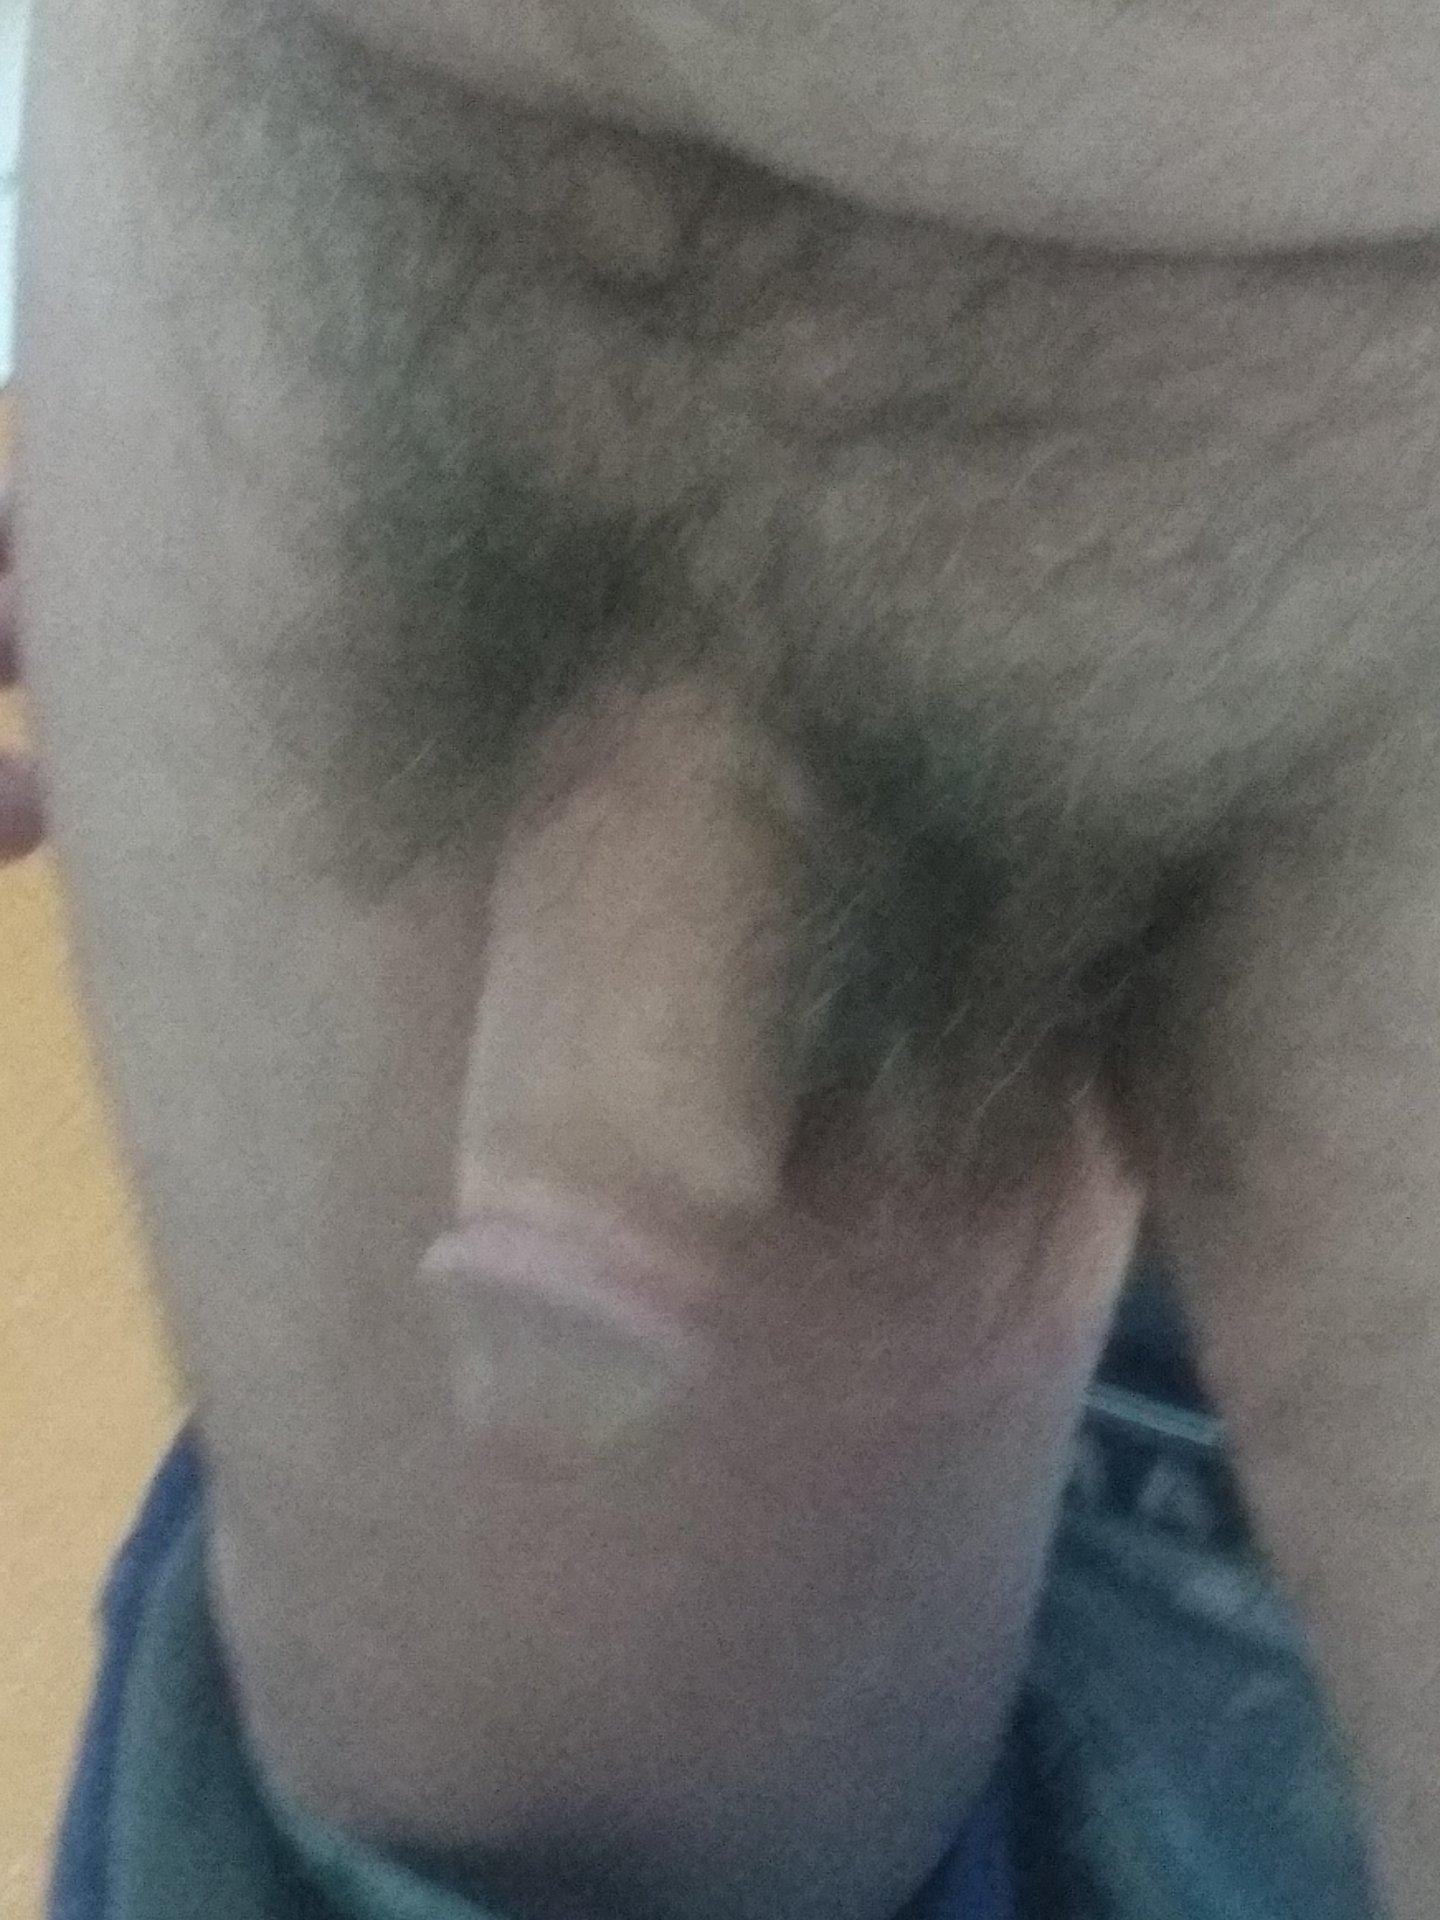 25mick from Queensland,Australia